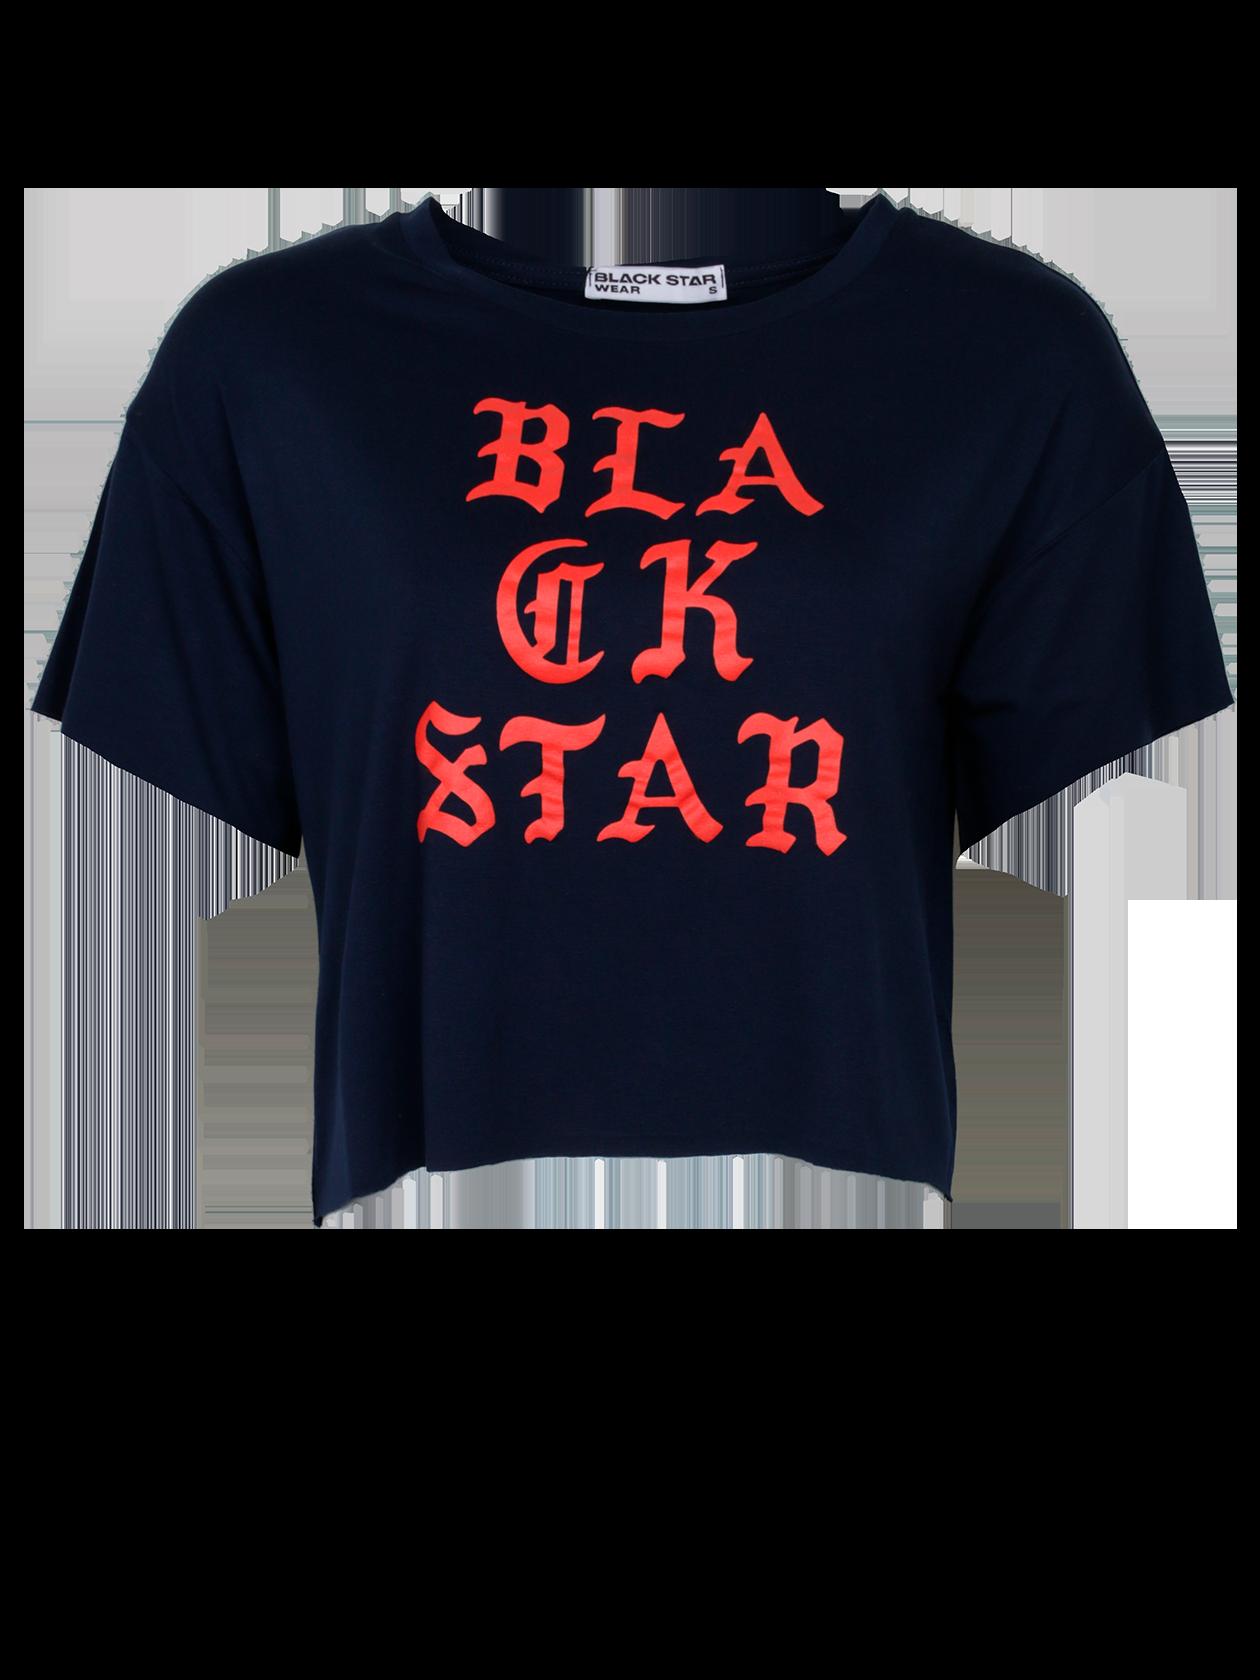 Футболка женская GOTHICСтильная женская футболка GOTHIC из новой коллекции Black Star. Изделие выполнено из хлопка премиального качества, внутри фирменная нашивка с логотипом Black Star Wear. Классический дизайн с круглой горловиной и свободный укороченный крой, являющийся трендом этого сезона не оставит равнодушной ни одну модницу. Подойдет как для создания образа на каждый день, так и для занятий спортом. Станет незаменимой и любимой вещью в гардеробе! Модель представлена в ярко-красном цвете.<br><br>Размер: M<br>Цвет: Темно-синий<br>Пол: Женский